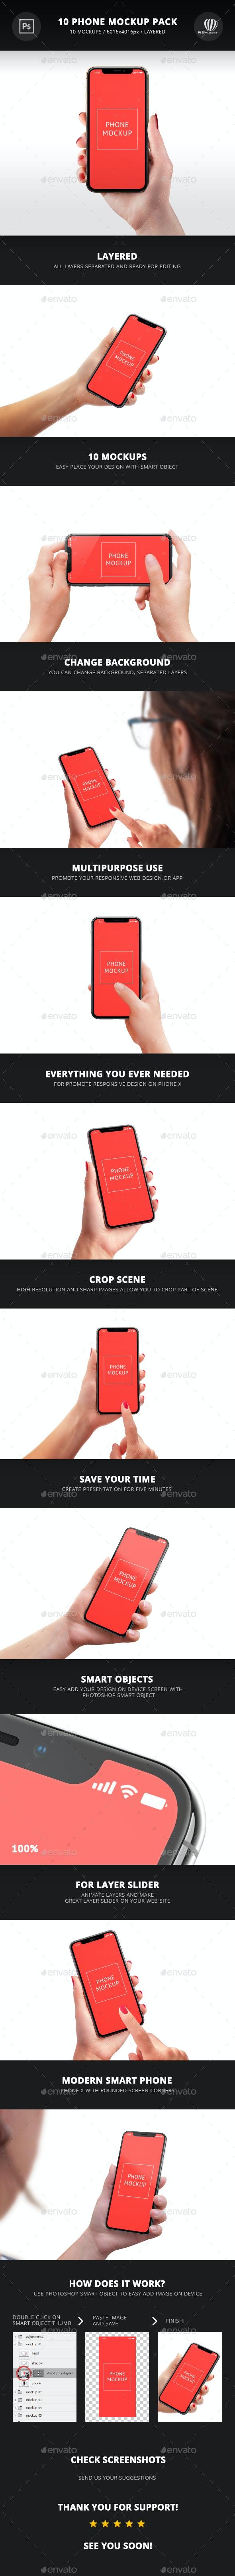 10 Phone Mockup Pack - Mobile Displays